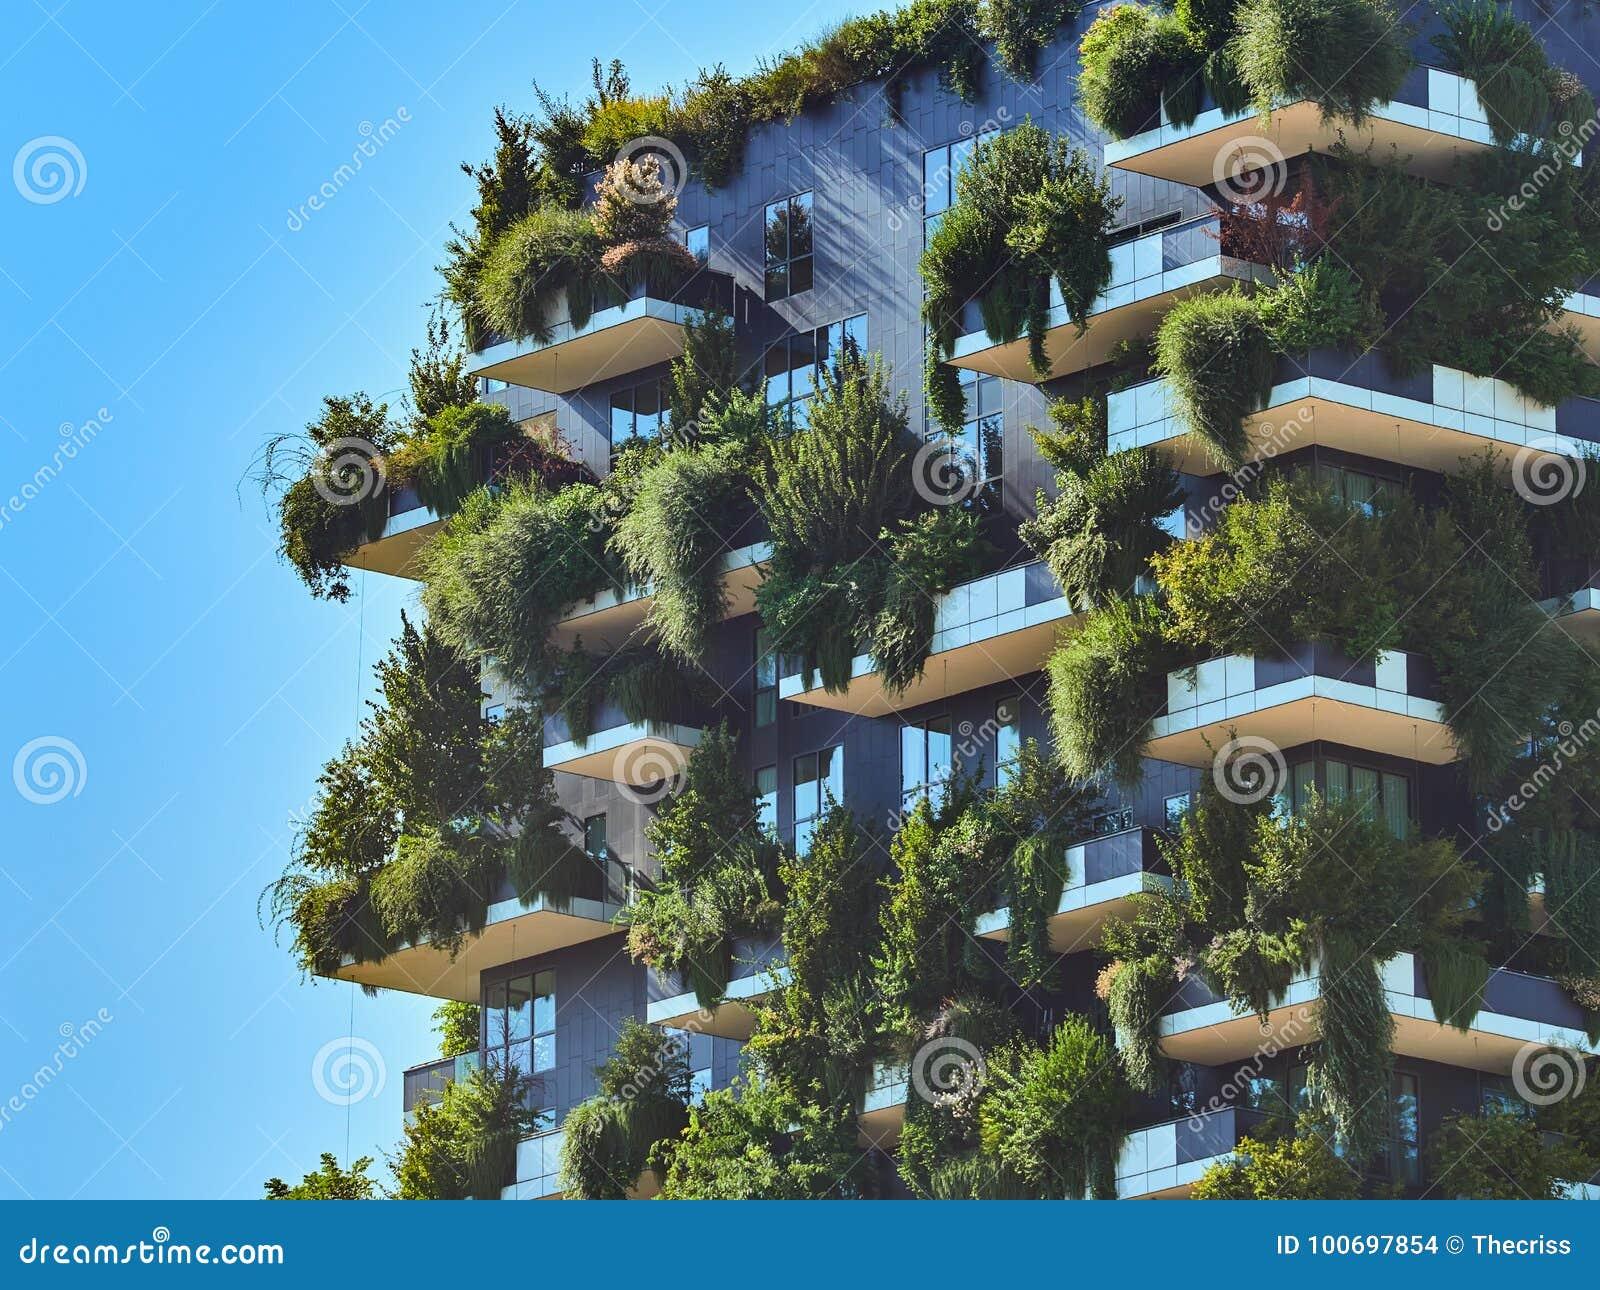 Bosco Verticale Vertical Forest Designed door Stefano Boeri, duurzame architectuur in het district van Porta Nuova, in Milaan